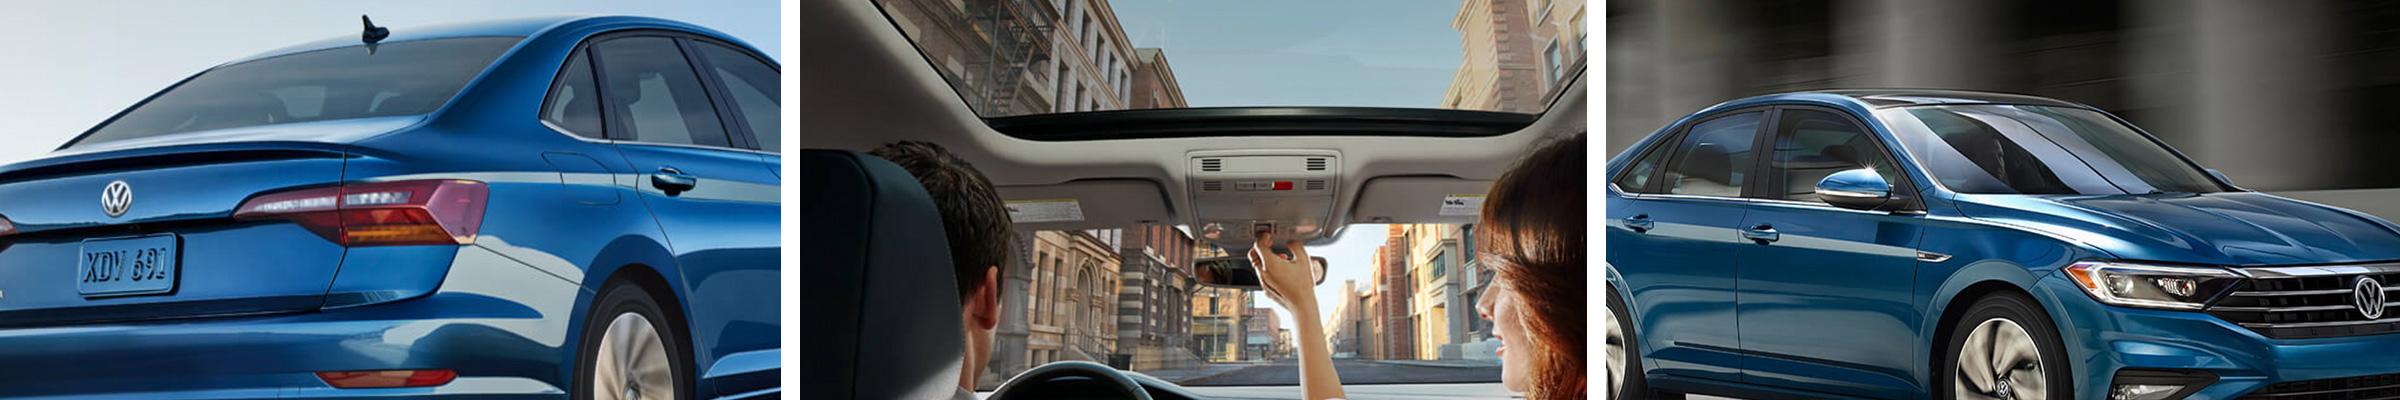 2020 Volkswagen Jetta For Sale Mobile AL | Daphne